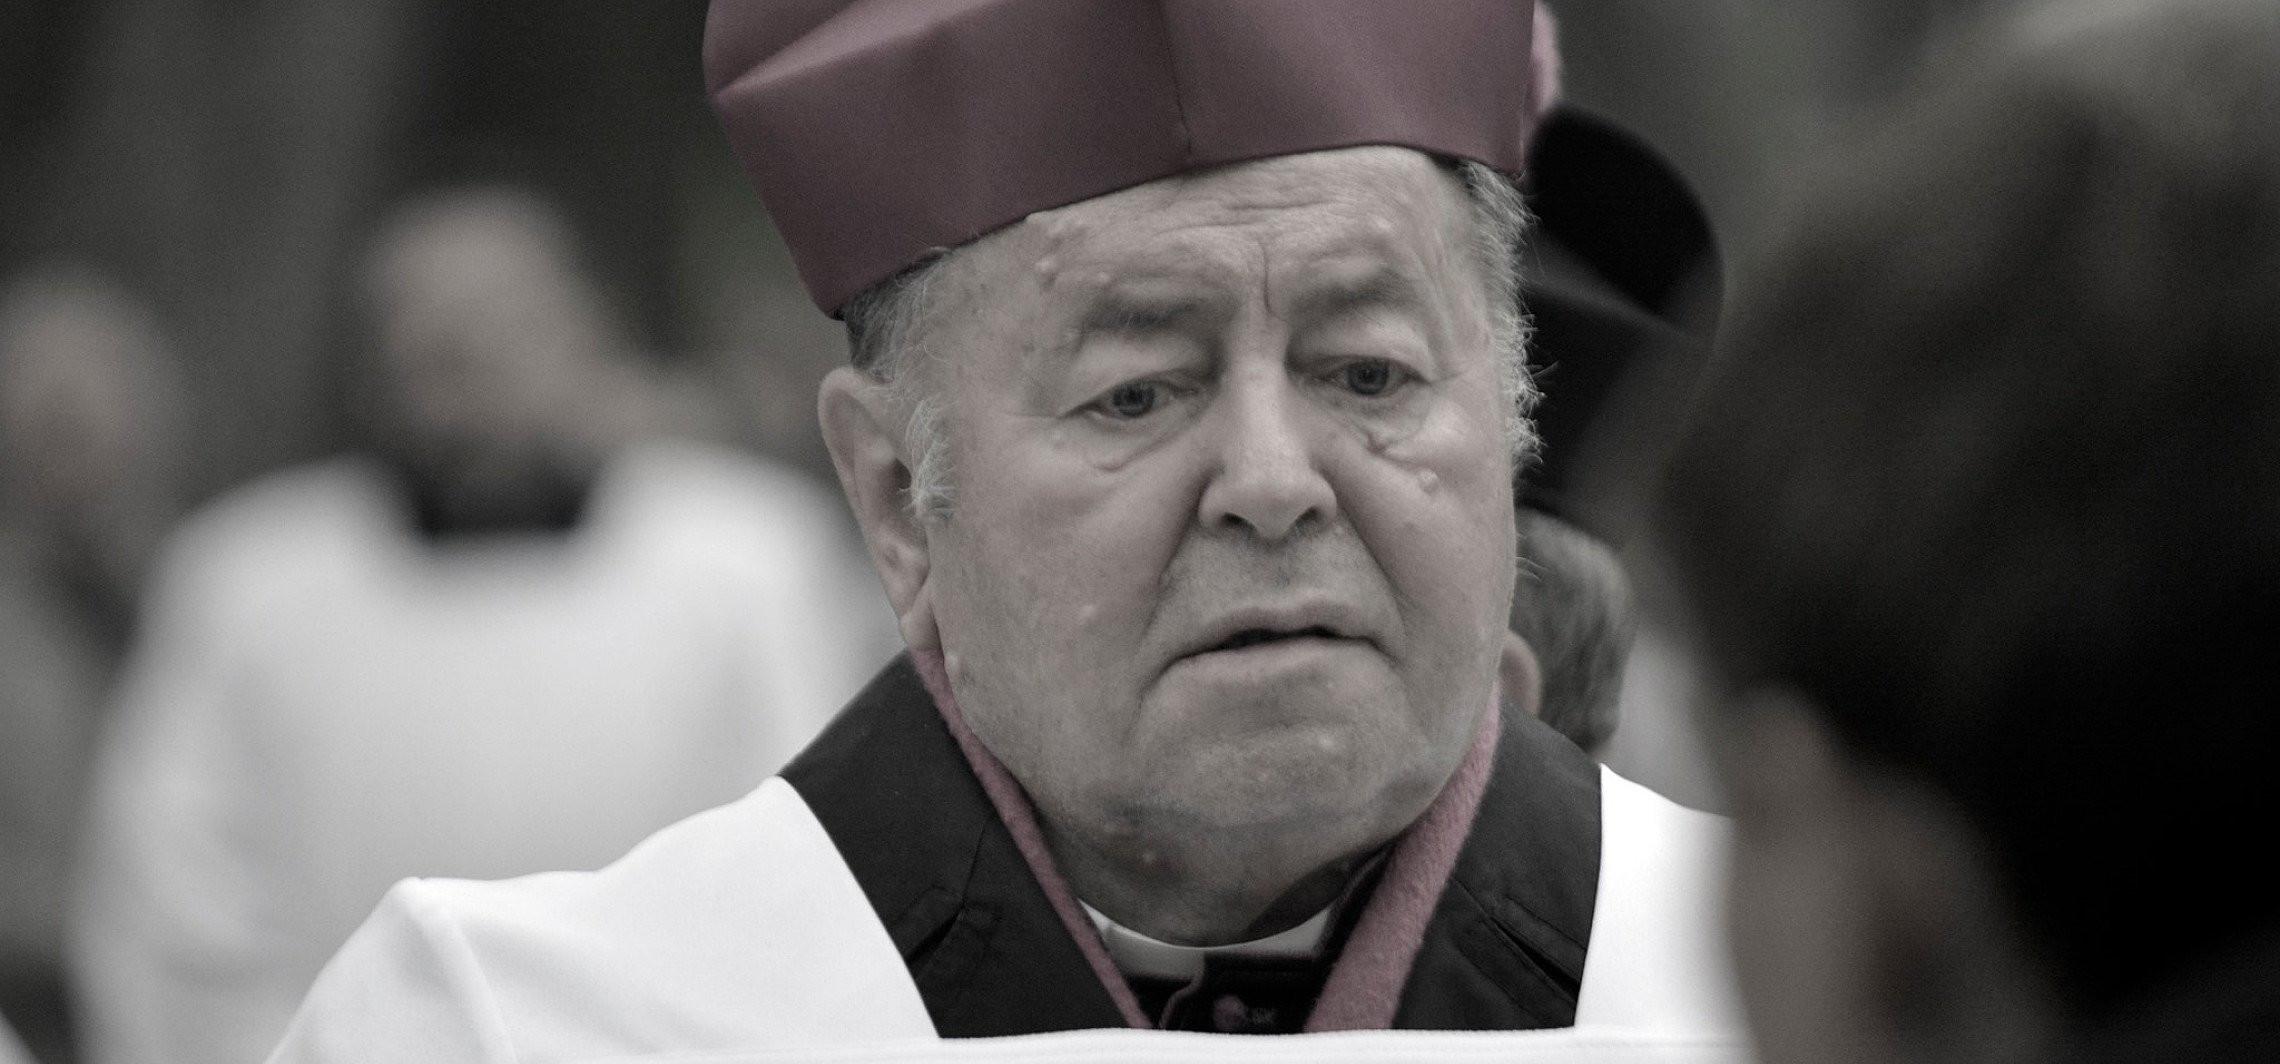 Region - Zmarł bp Bogdan Wojtuś. Miał koronawirusa